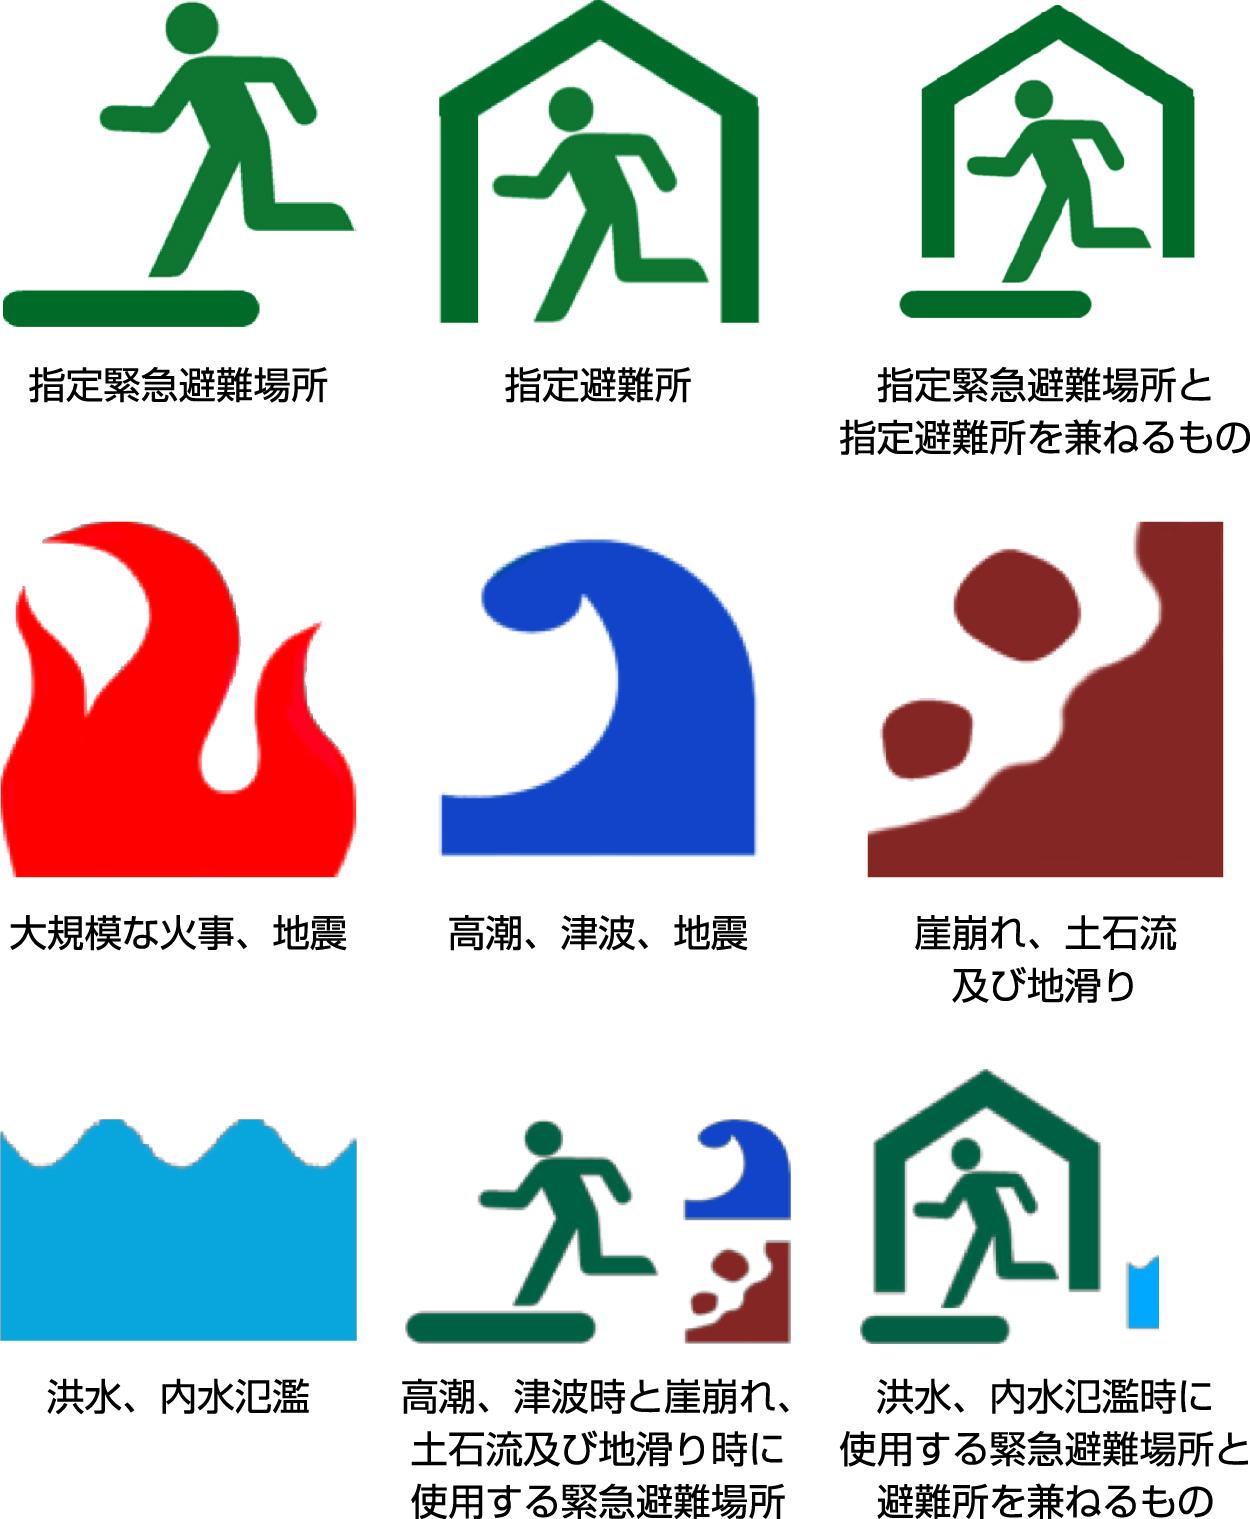 図6 屋内運動場等の天井等落下防止対策事例集の掲載頁